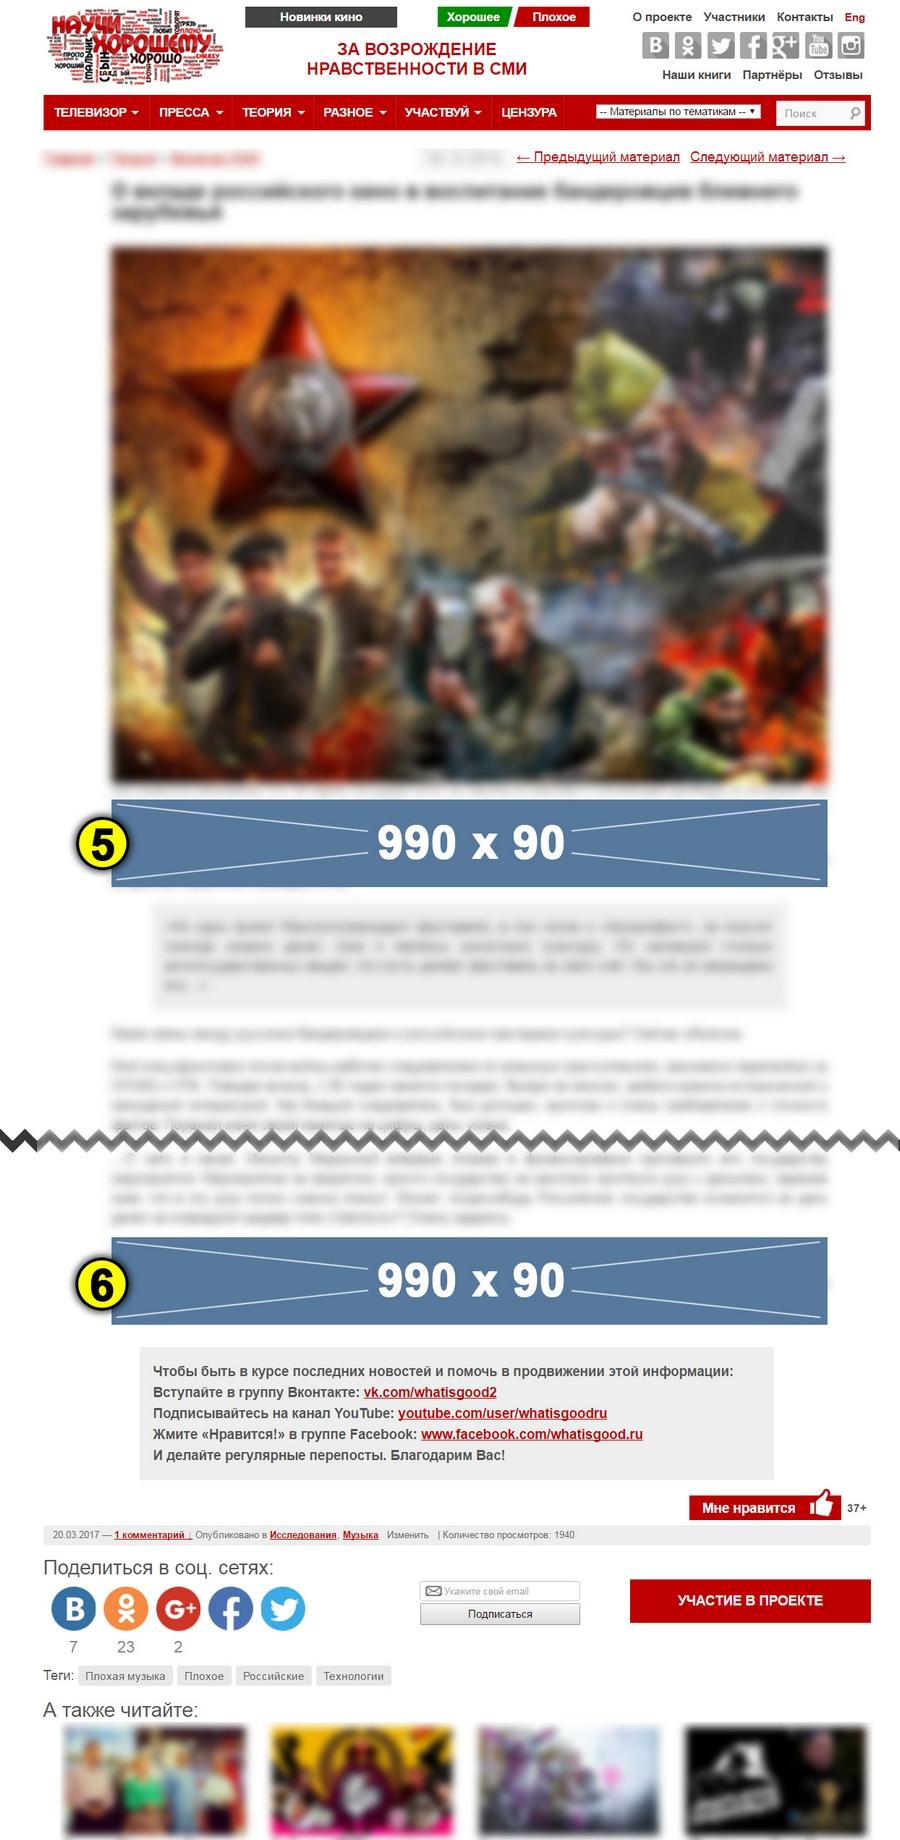 price21 Реклама